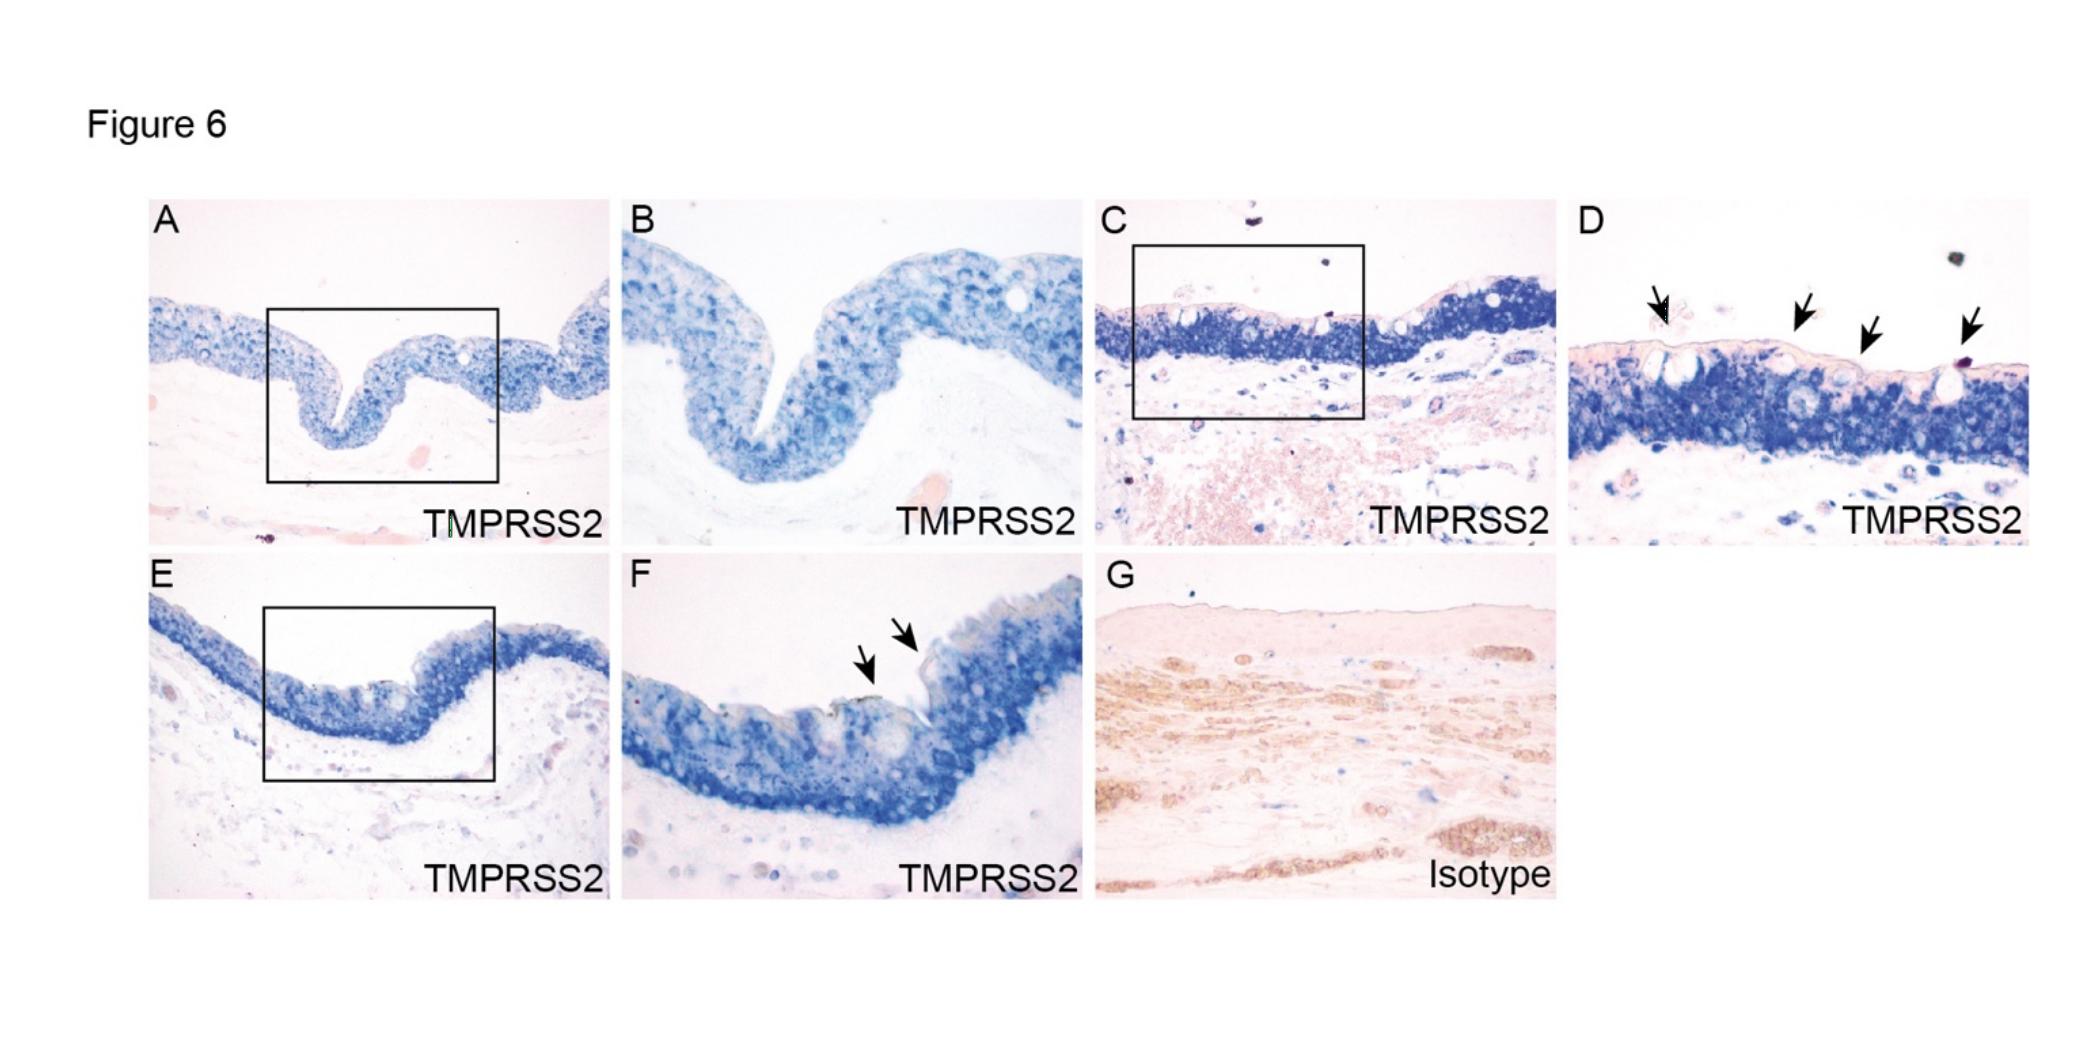 图5:物化后眼球结膜的TMPRSS2外达及定位。图中展现了2个眼球的结膜(A-B,C-D,E-F)。箭头外示杯状细胞(D,F)。